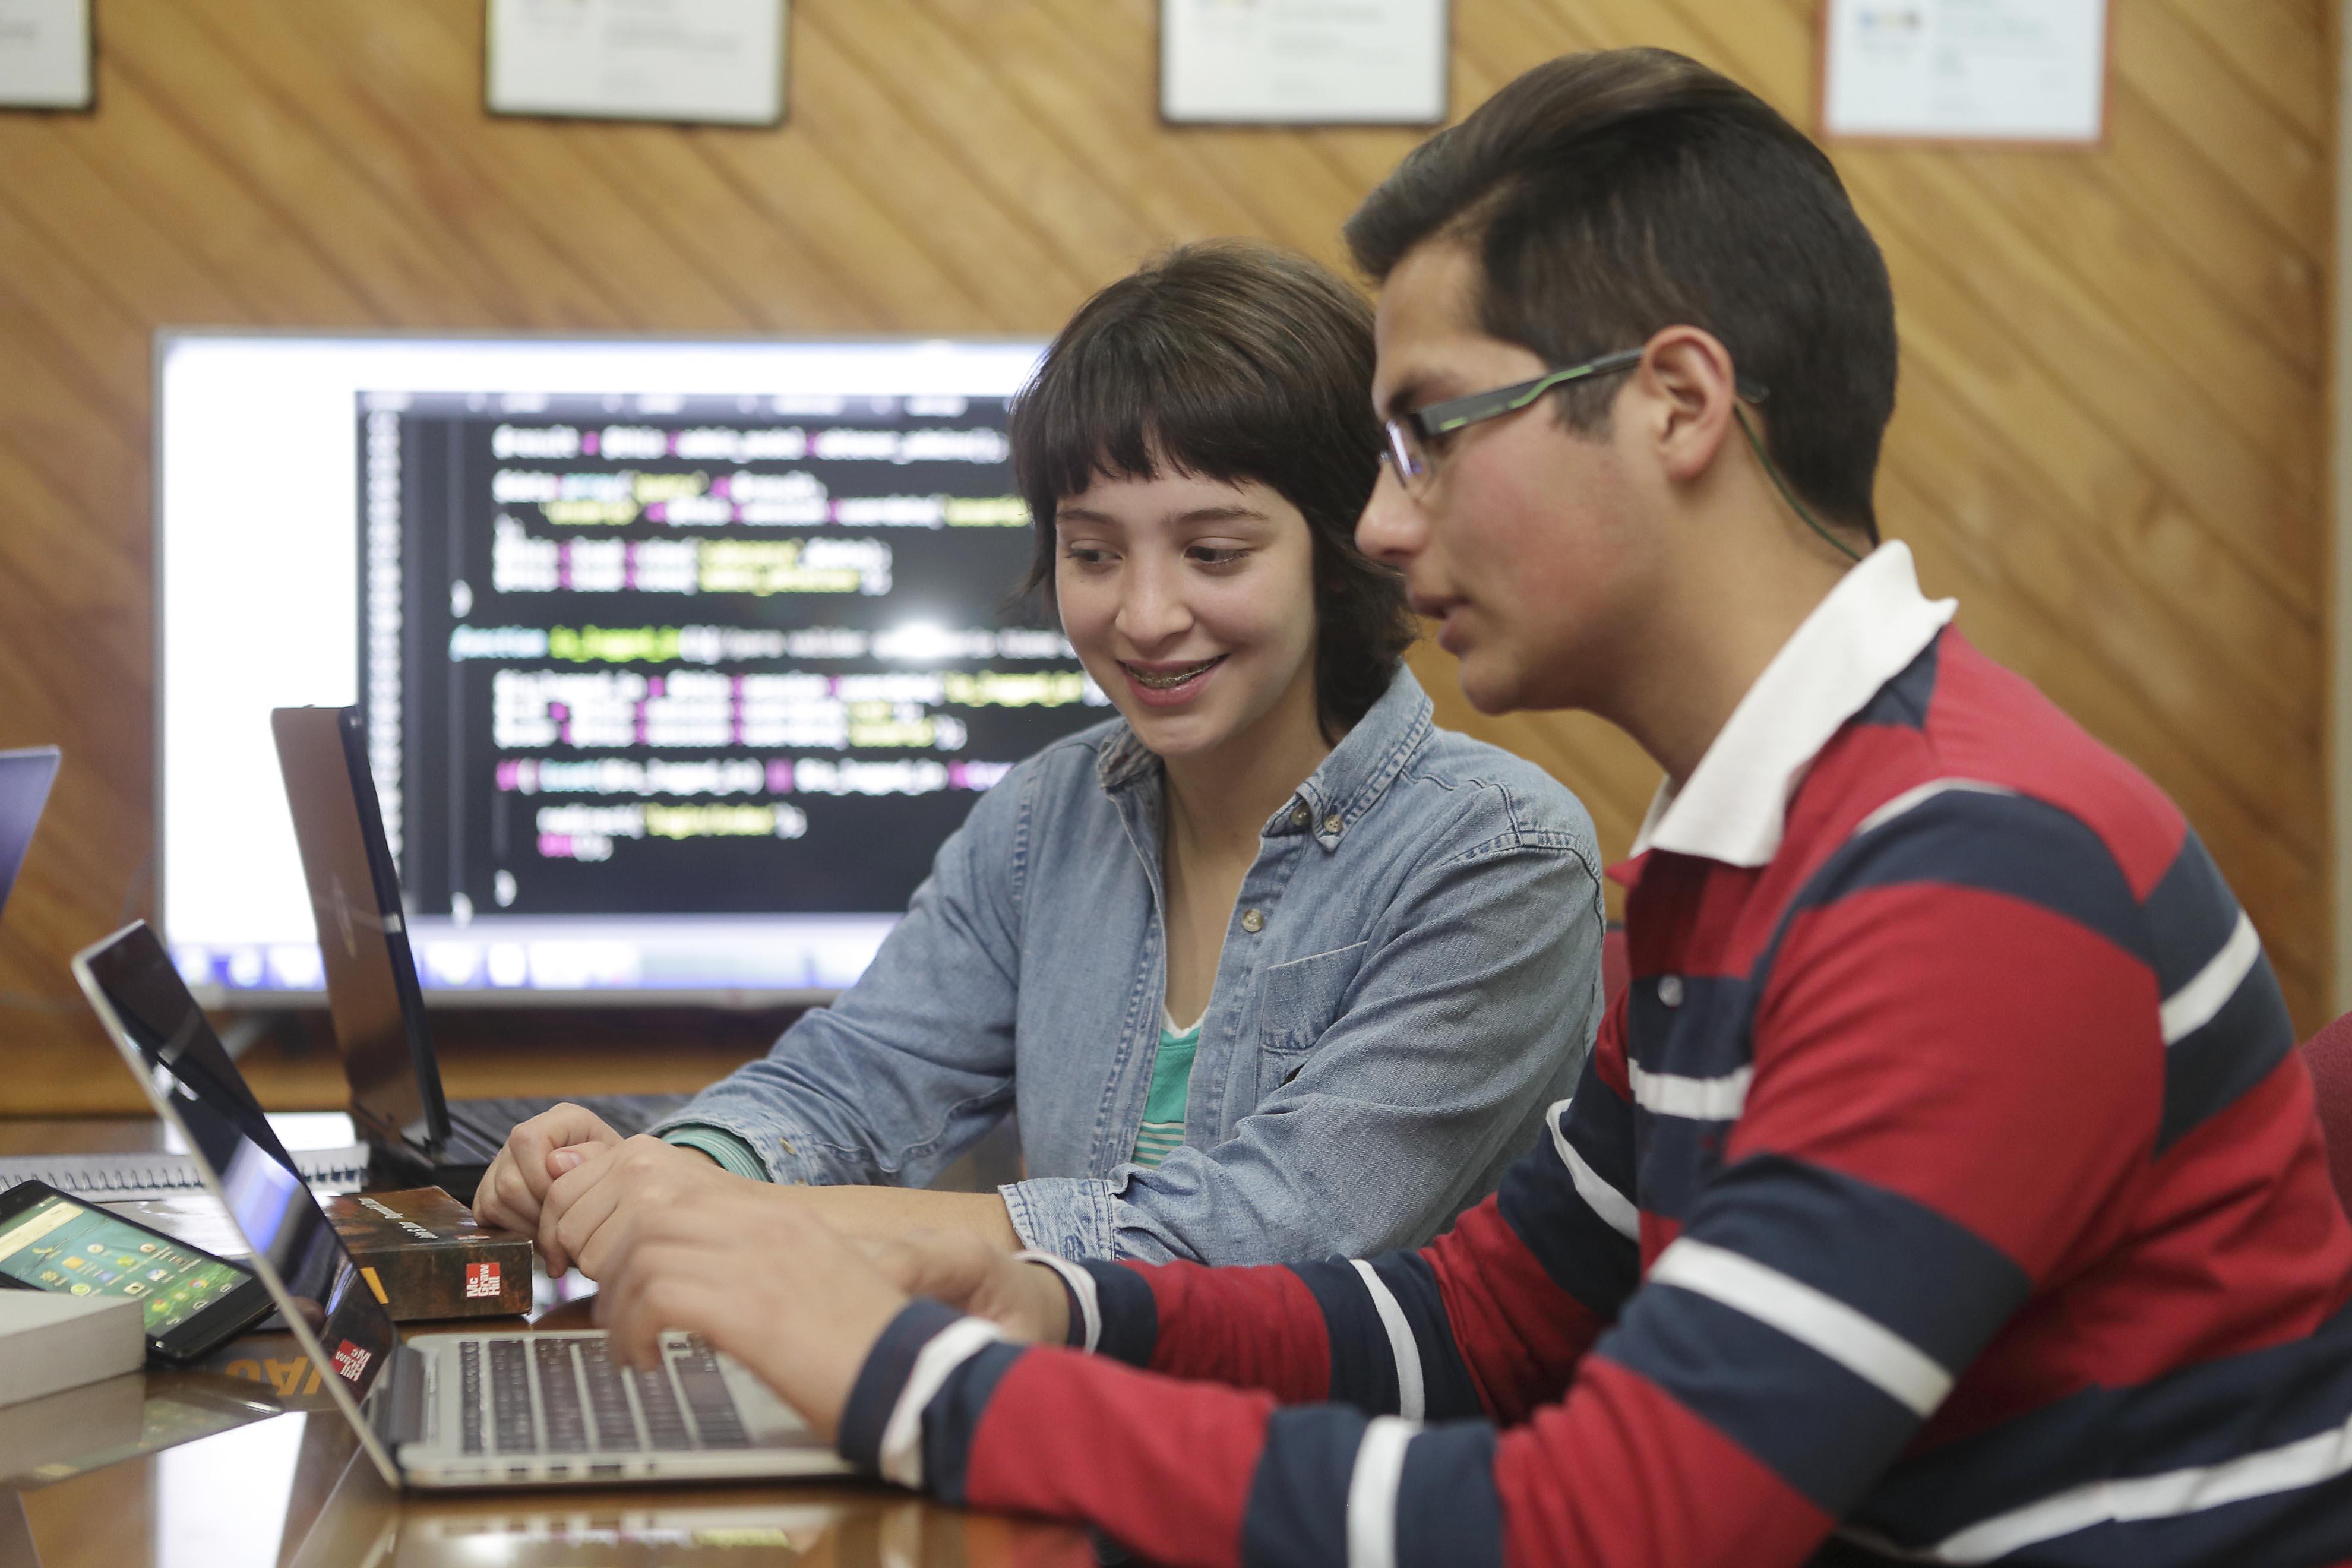 Académicos reflexionan sobre cómo incorporar las redes sociales en la educación